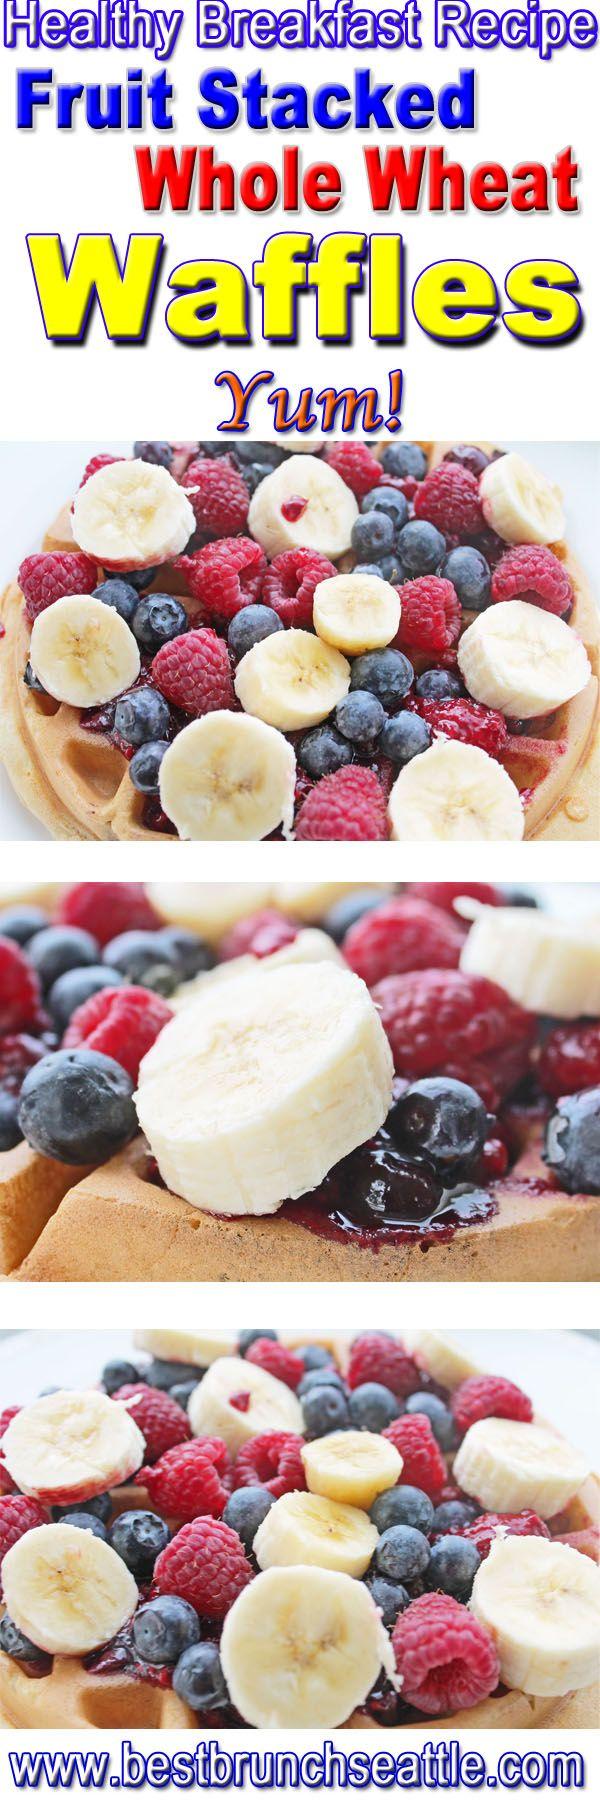 easy healthy breakfast recipe #healthy #breakfast